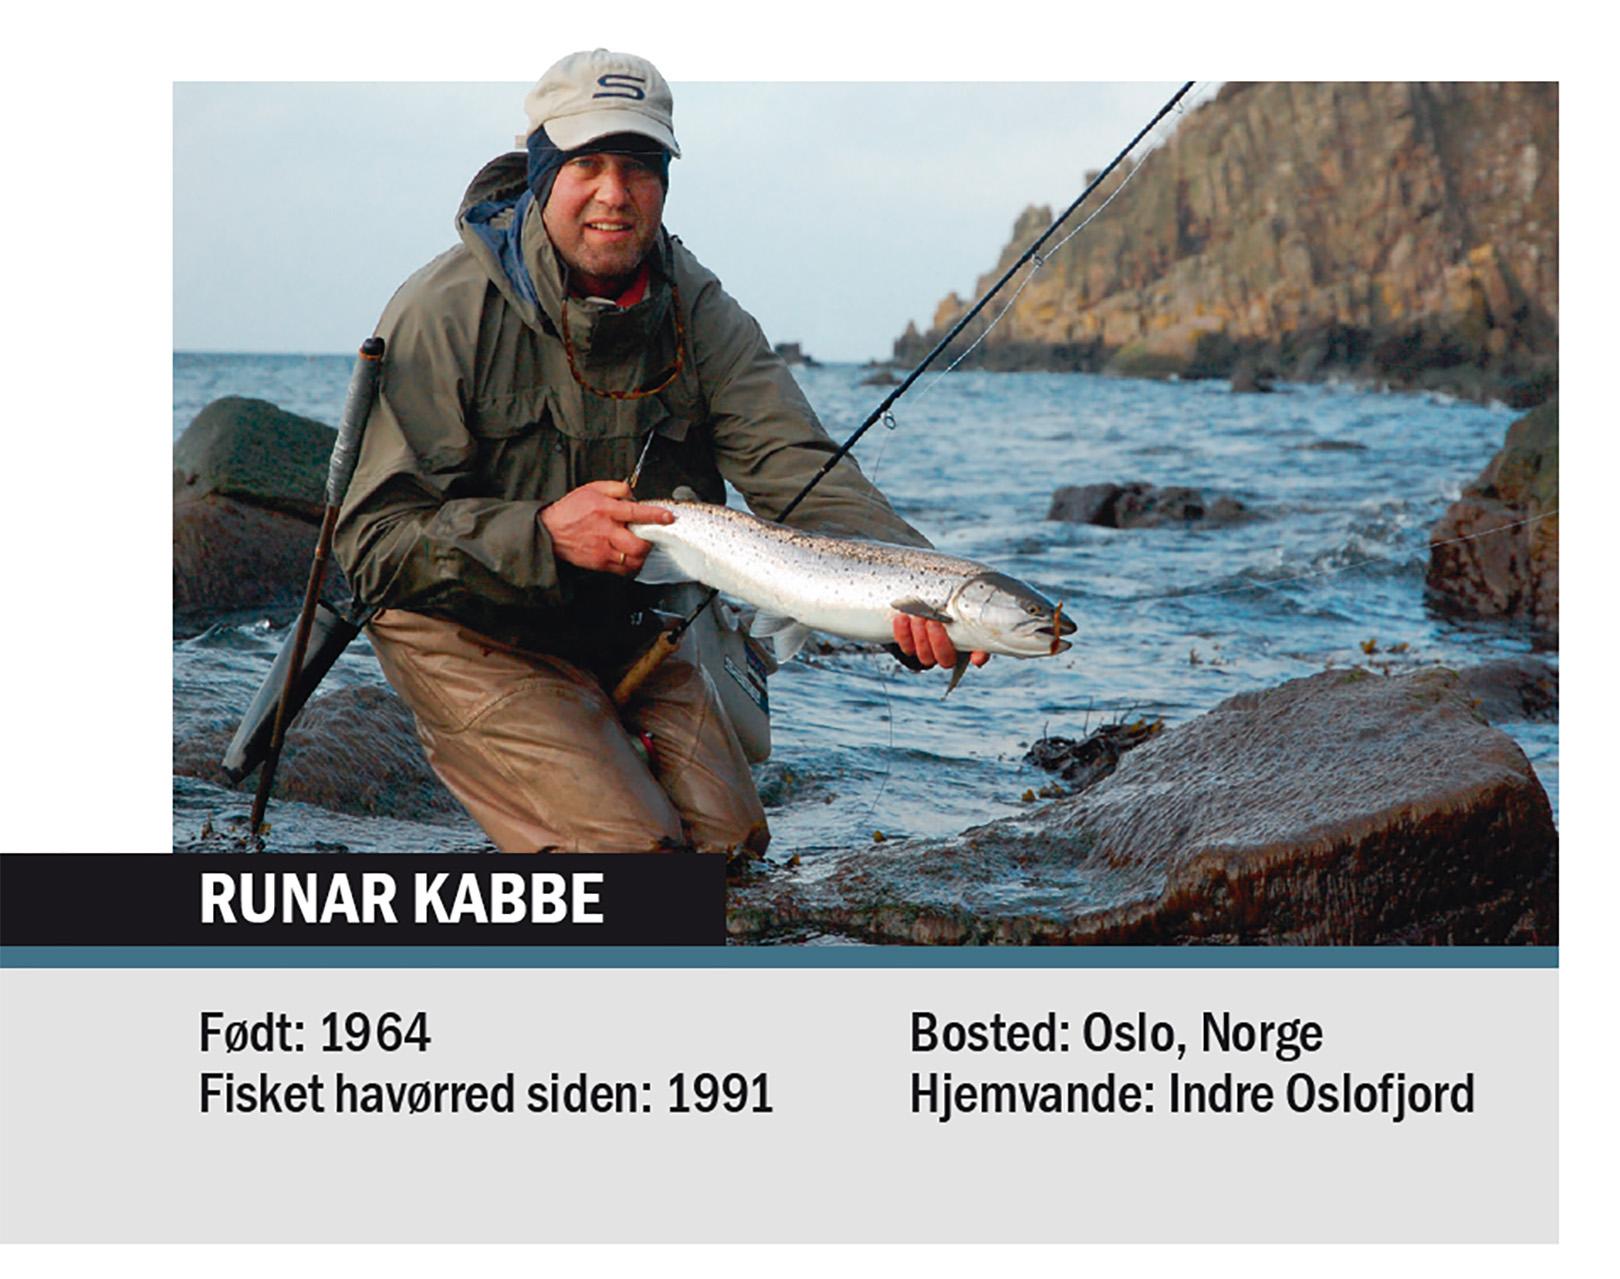 Runar Krabbe